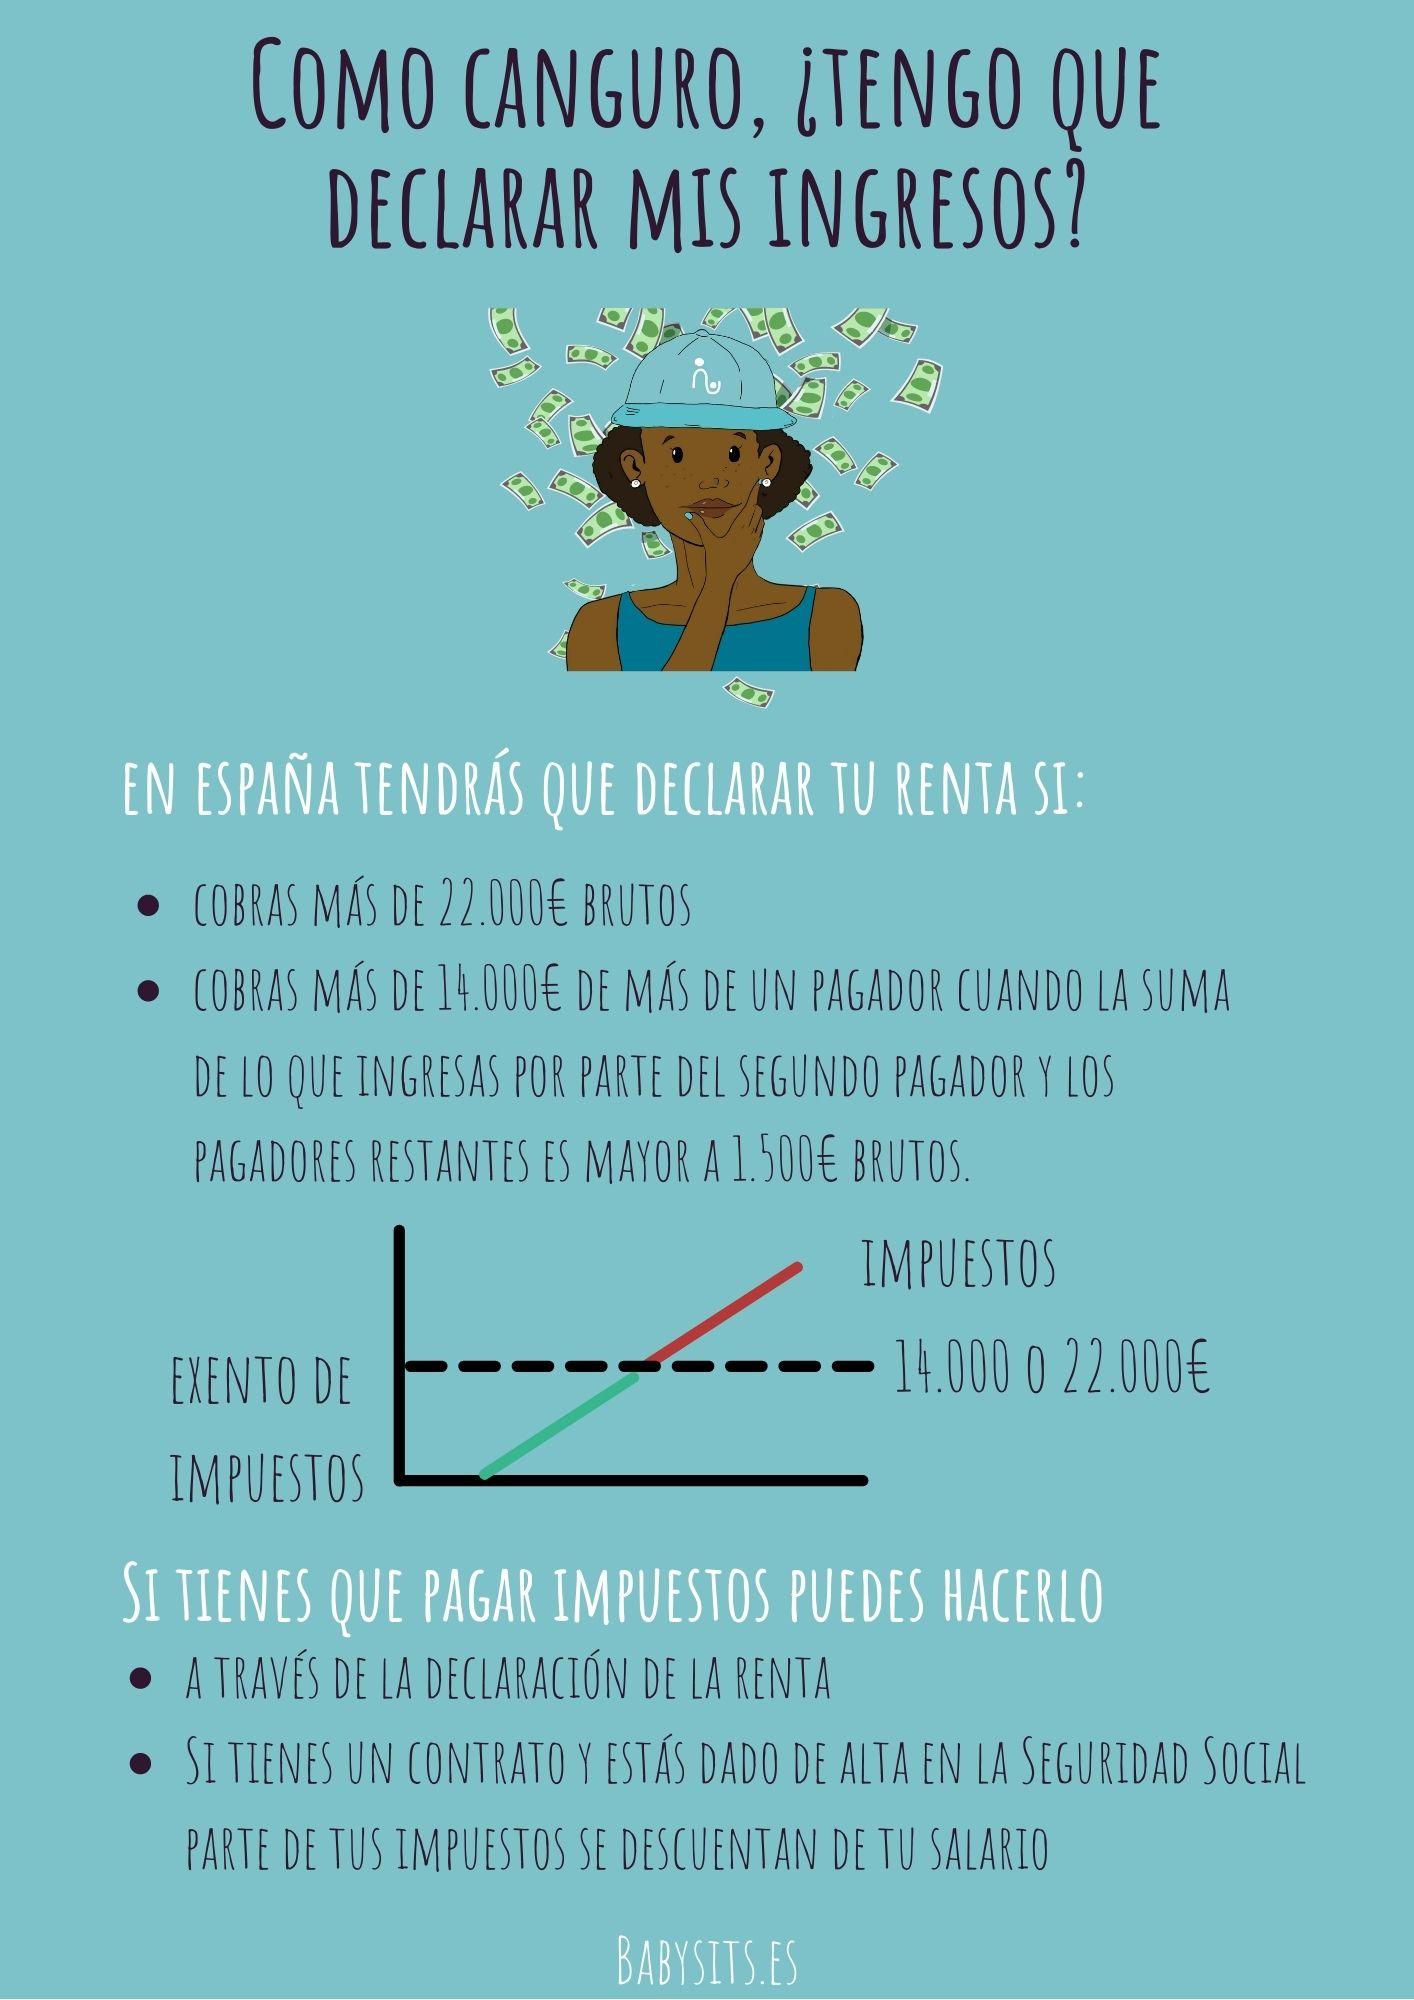 declarar ingresos como canguro en España